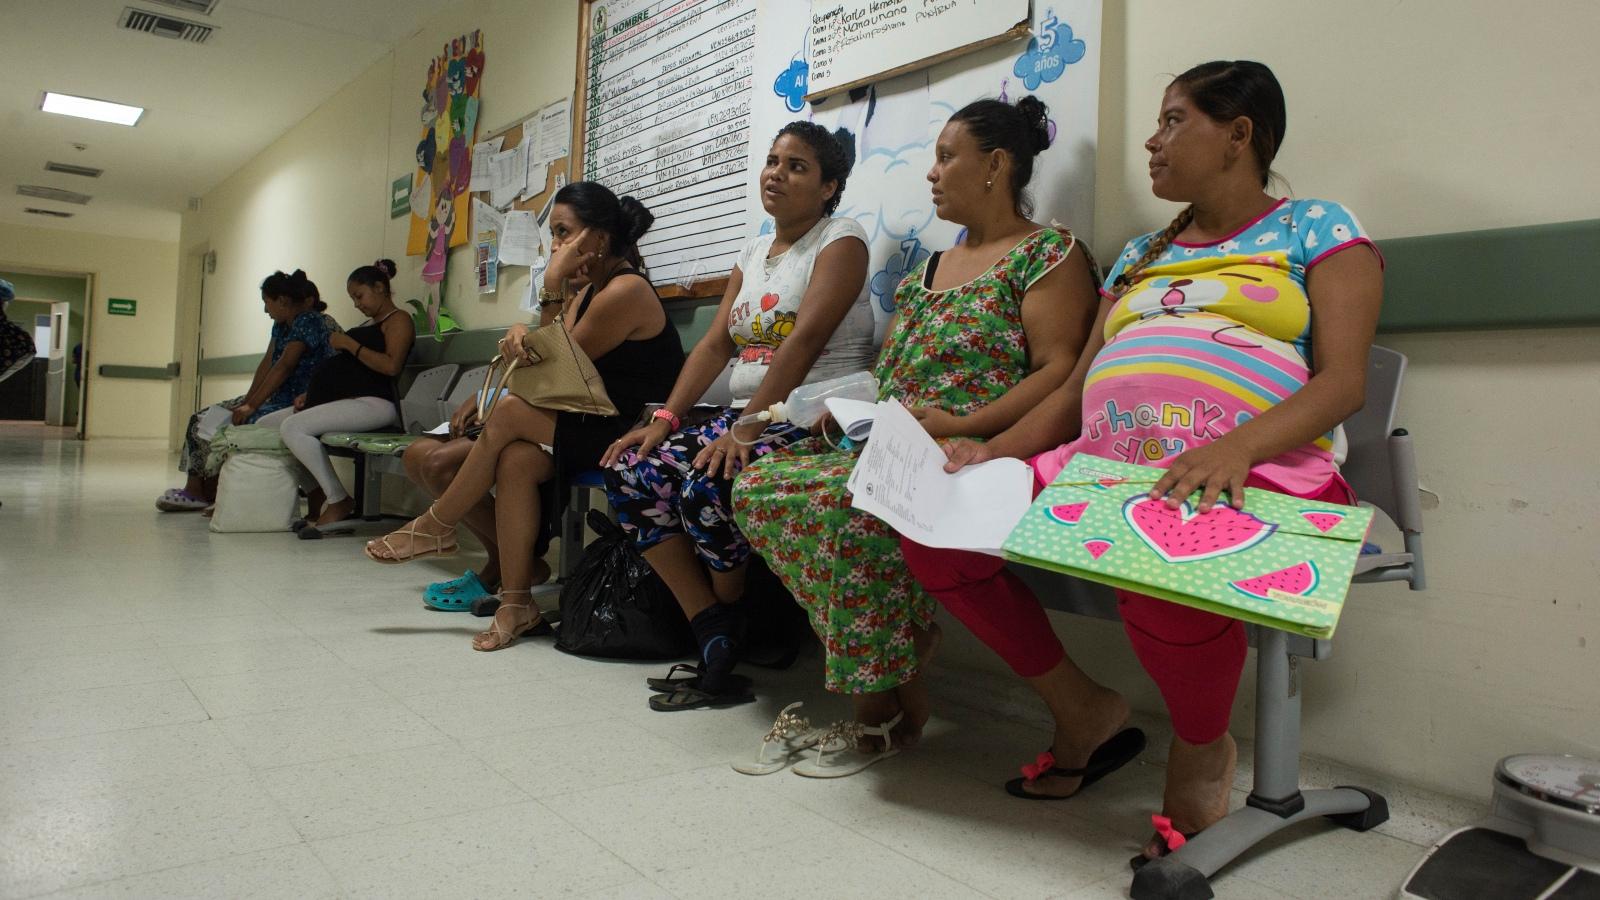 Gobierno prepara decreto para dar nacionalidad a más de 20.000 hijos de venezolanos